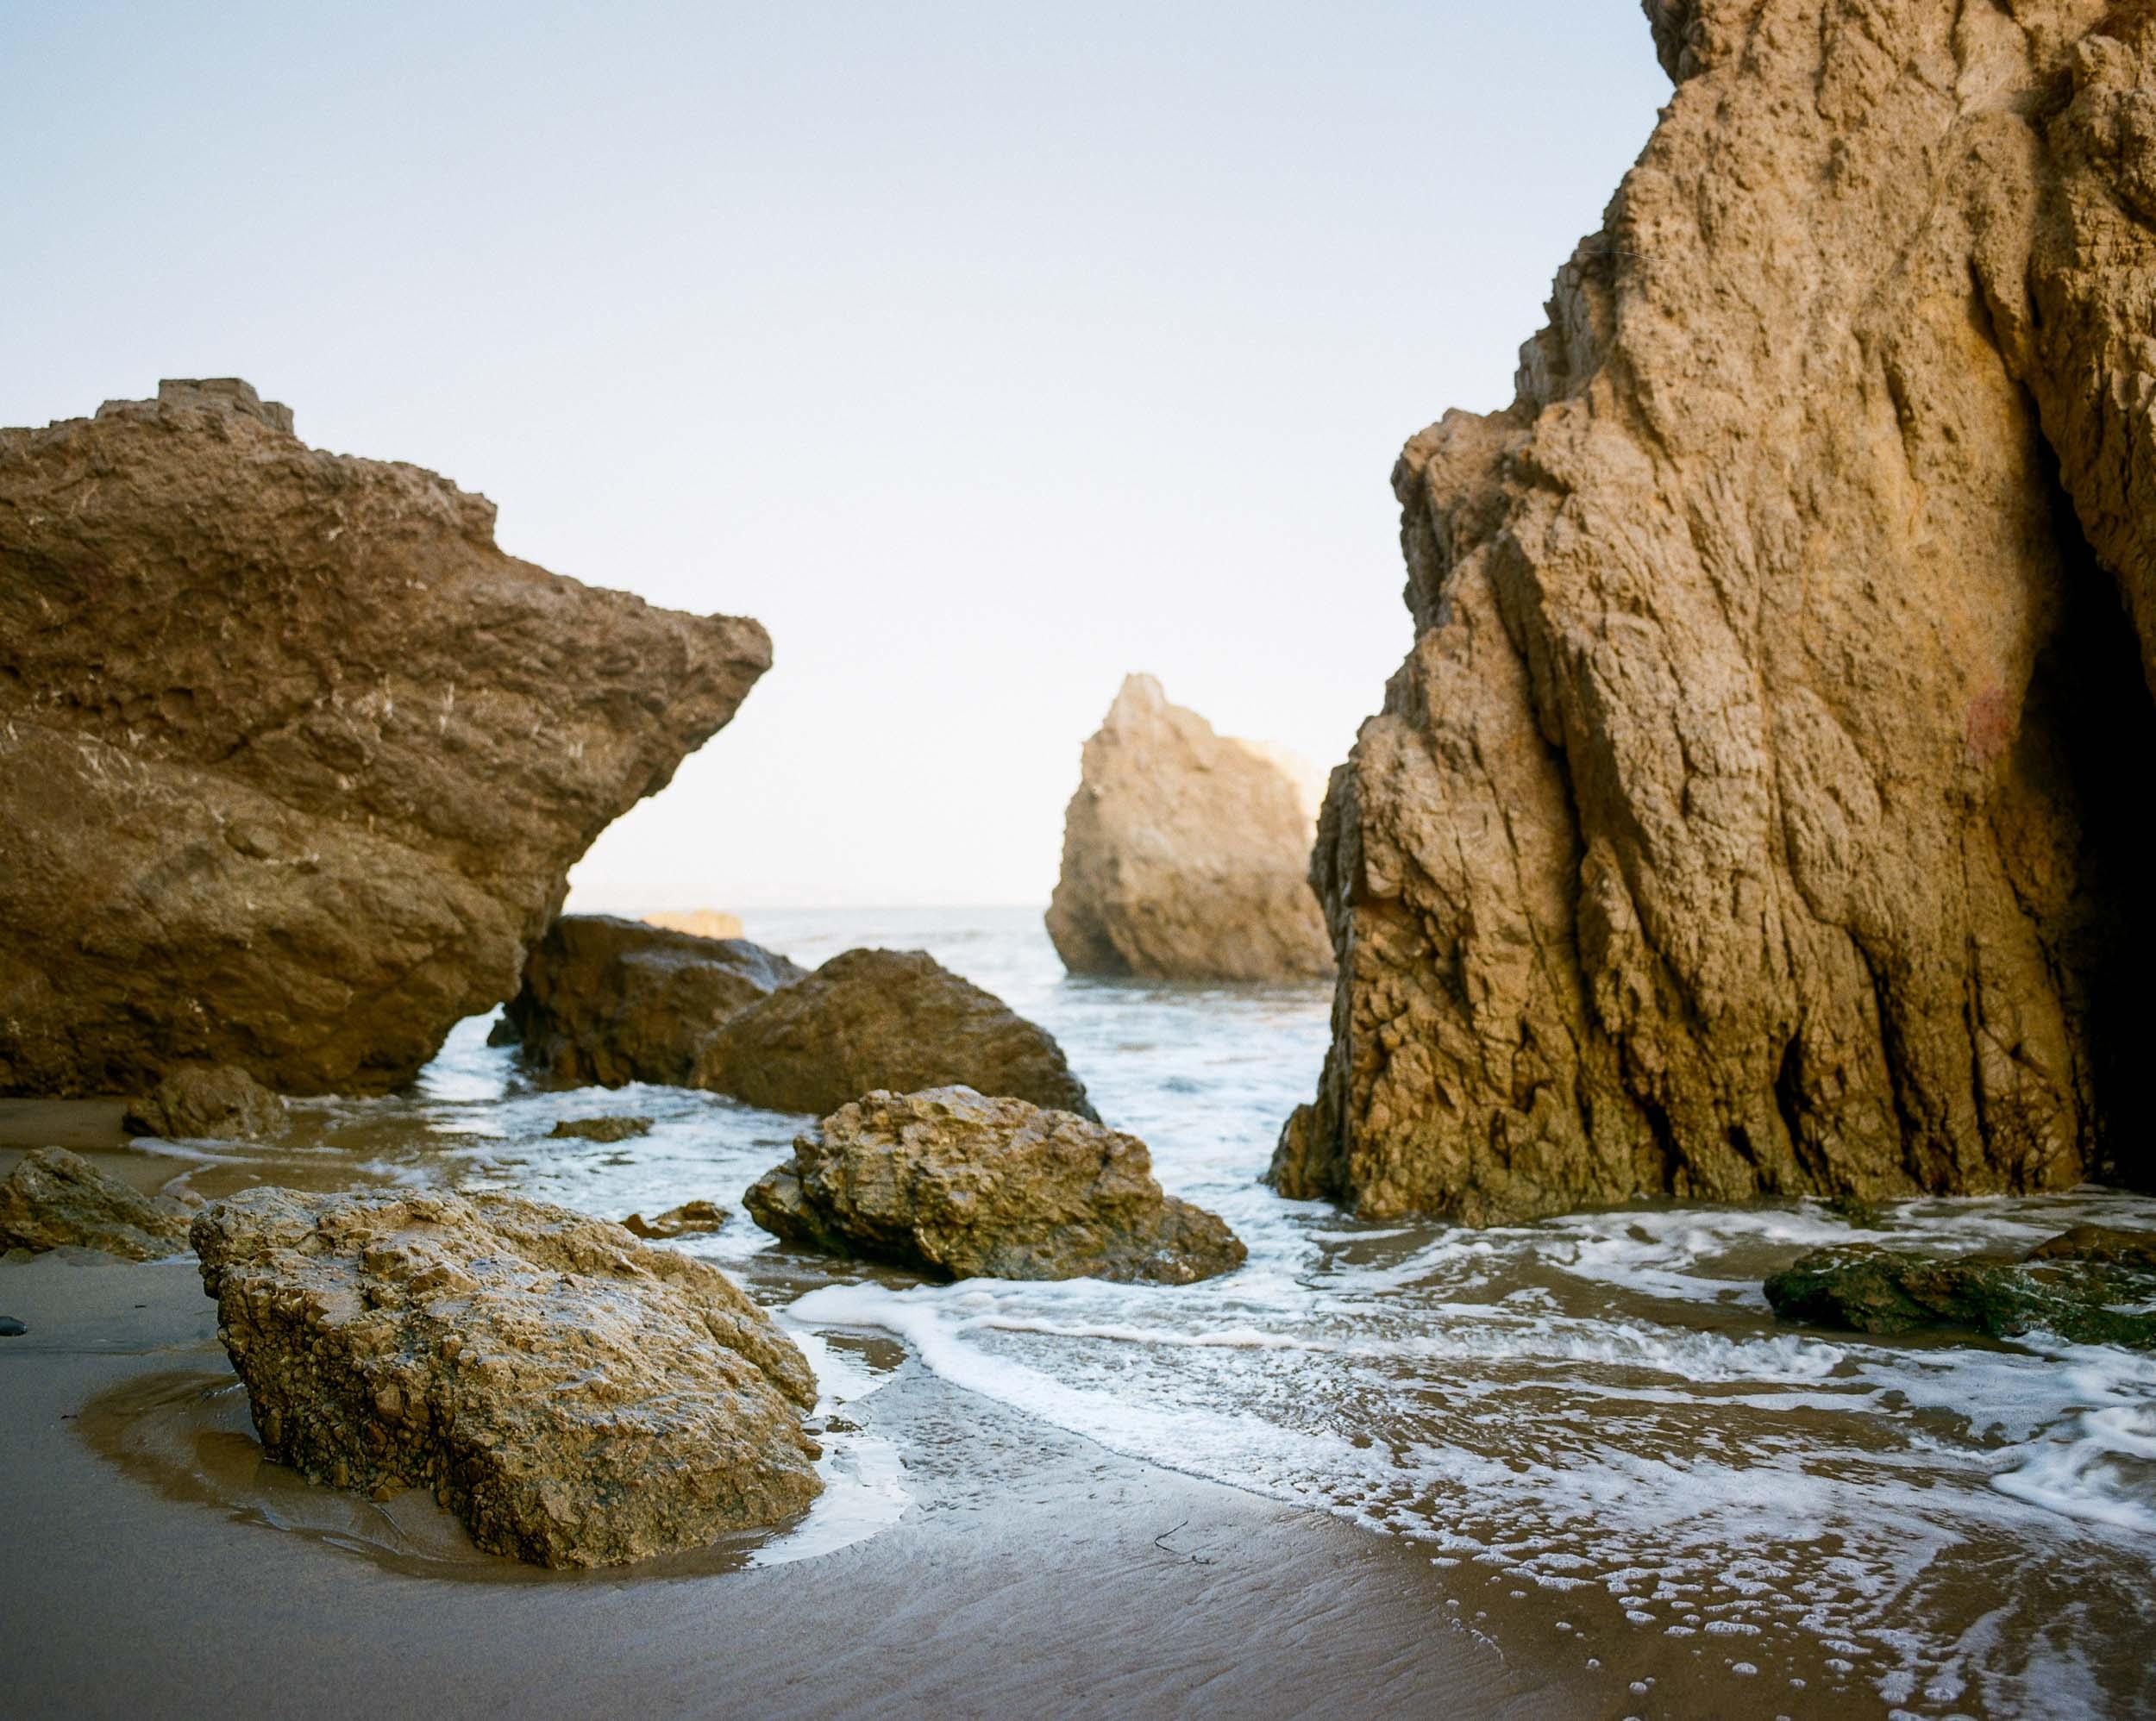 El Matador Beach Rocks